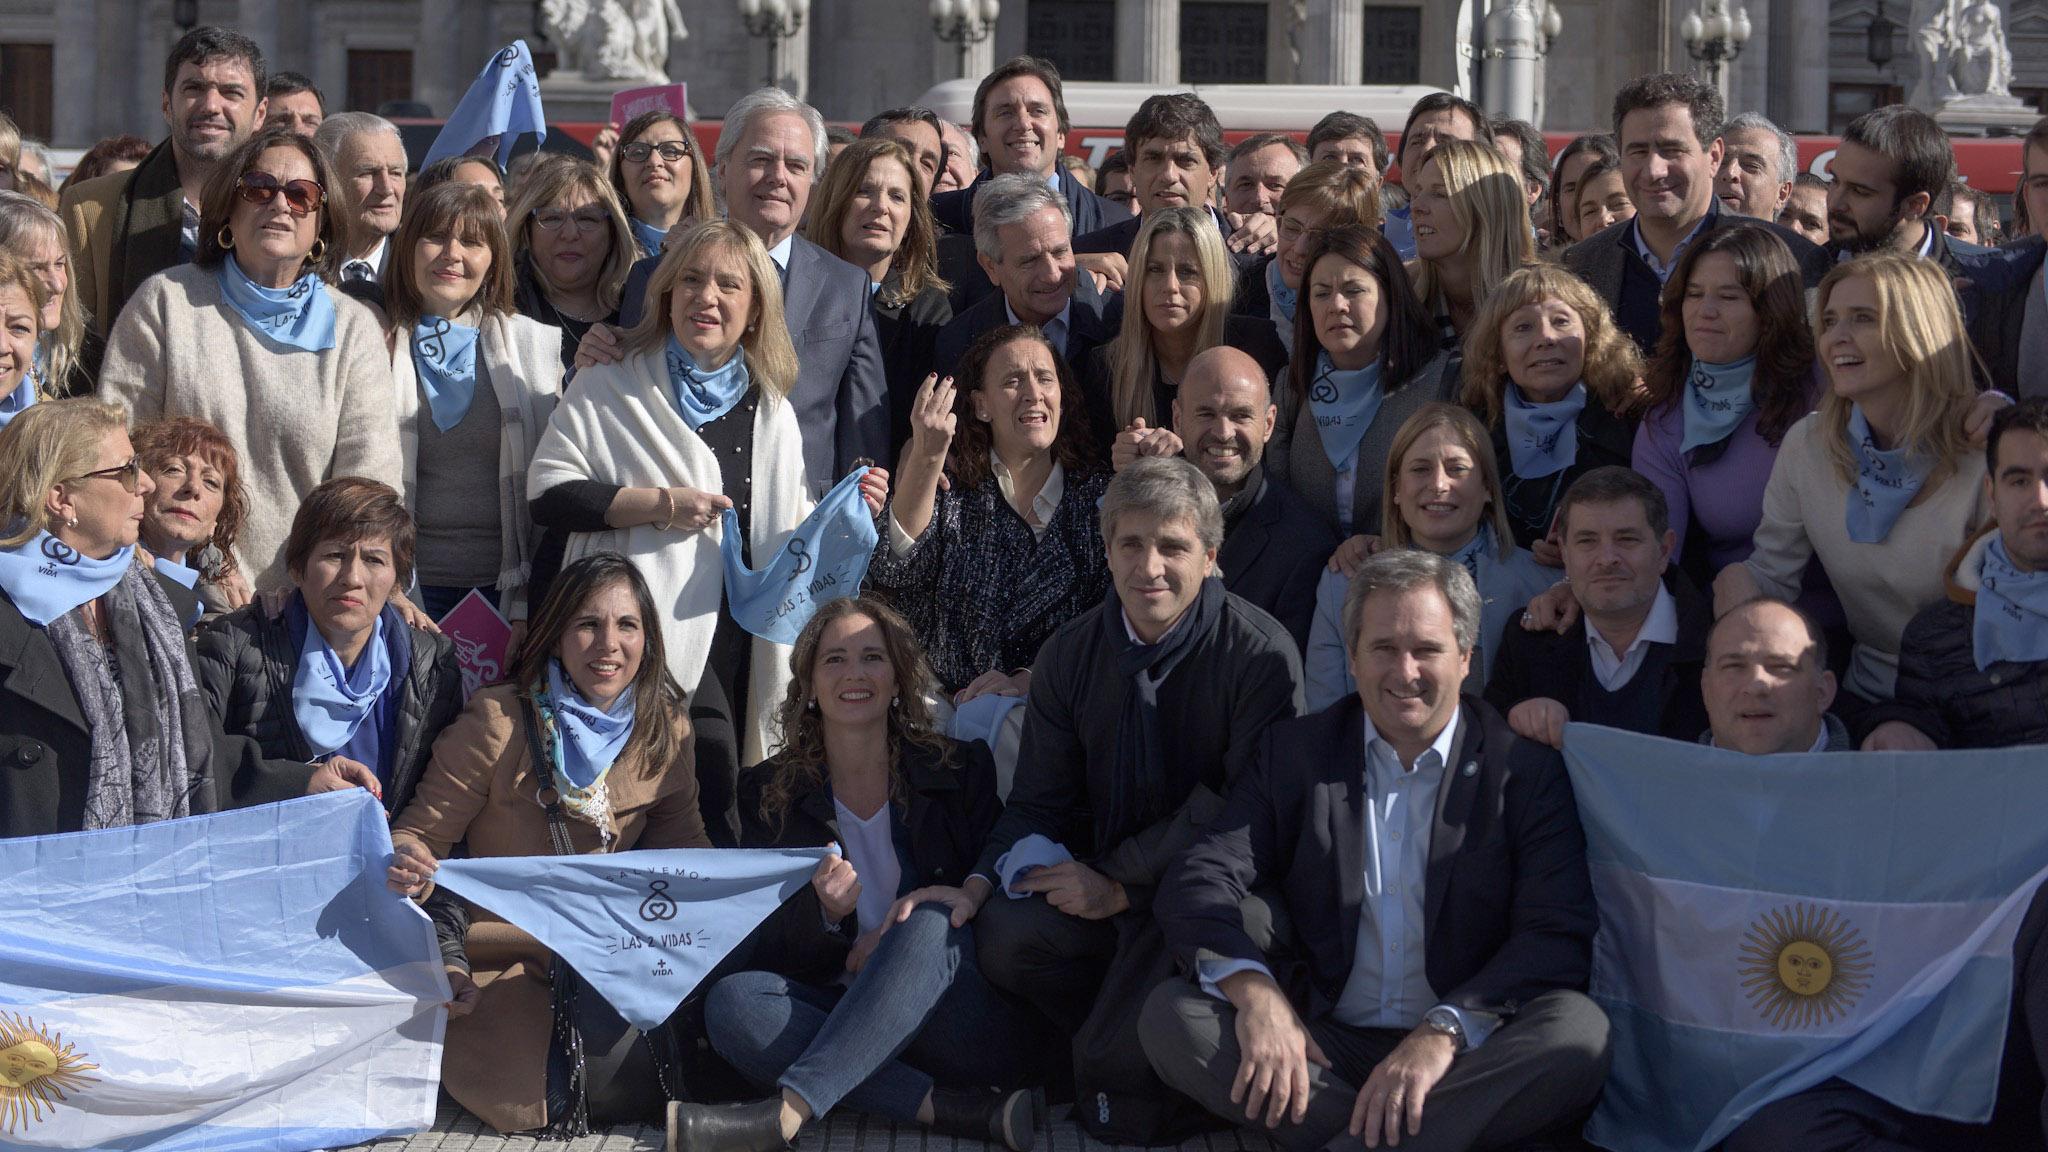 El ministro de Finanzas, Luis Caputo, fue una de las grandes personalidades del PRO presentes en la foto